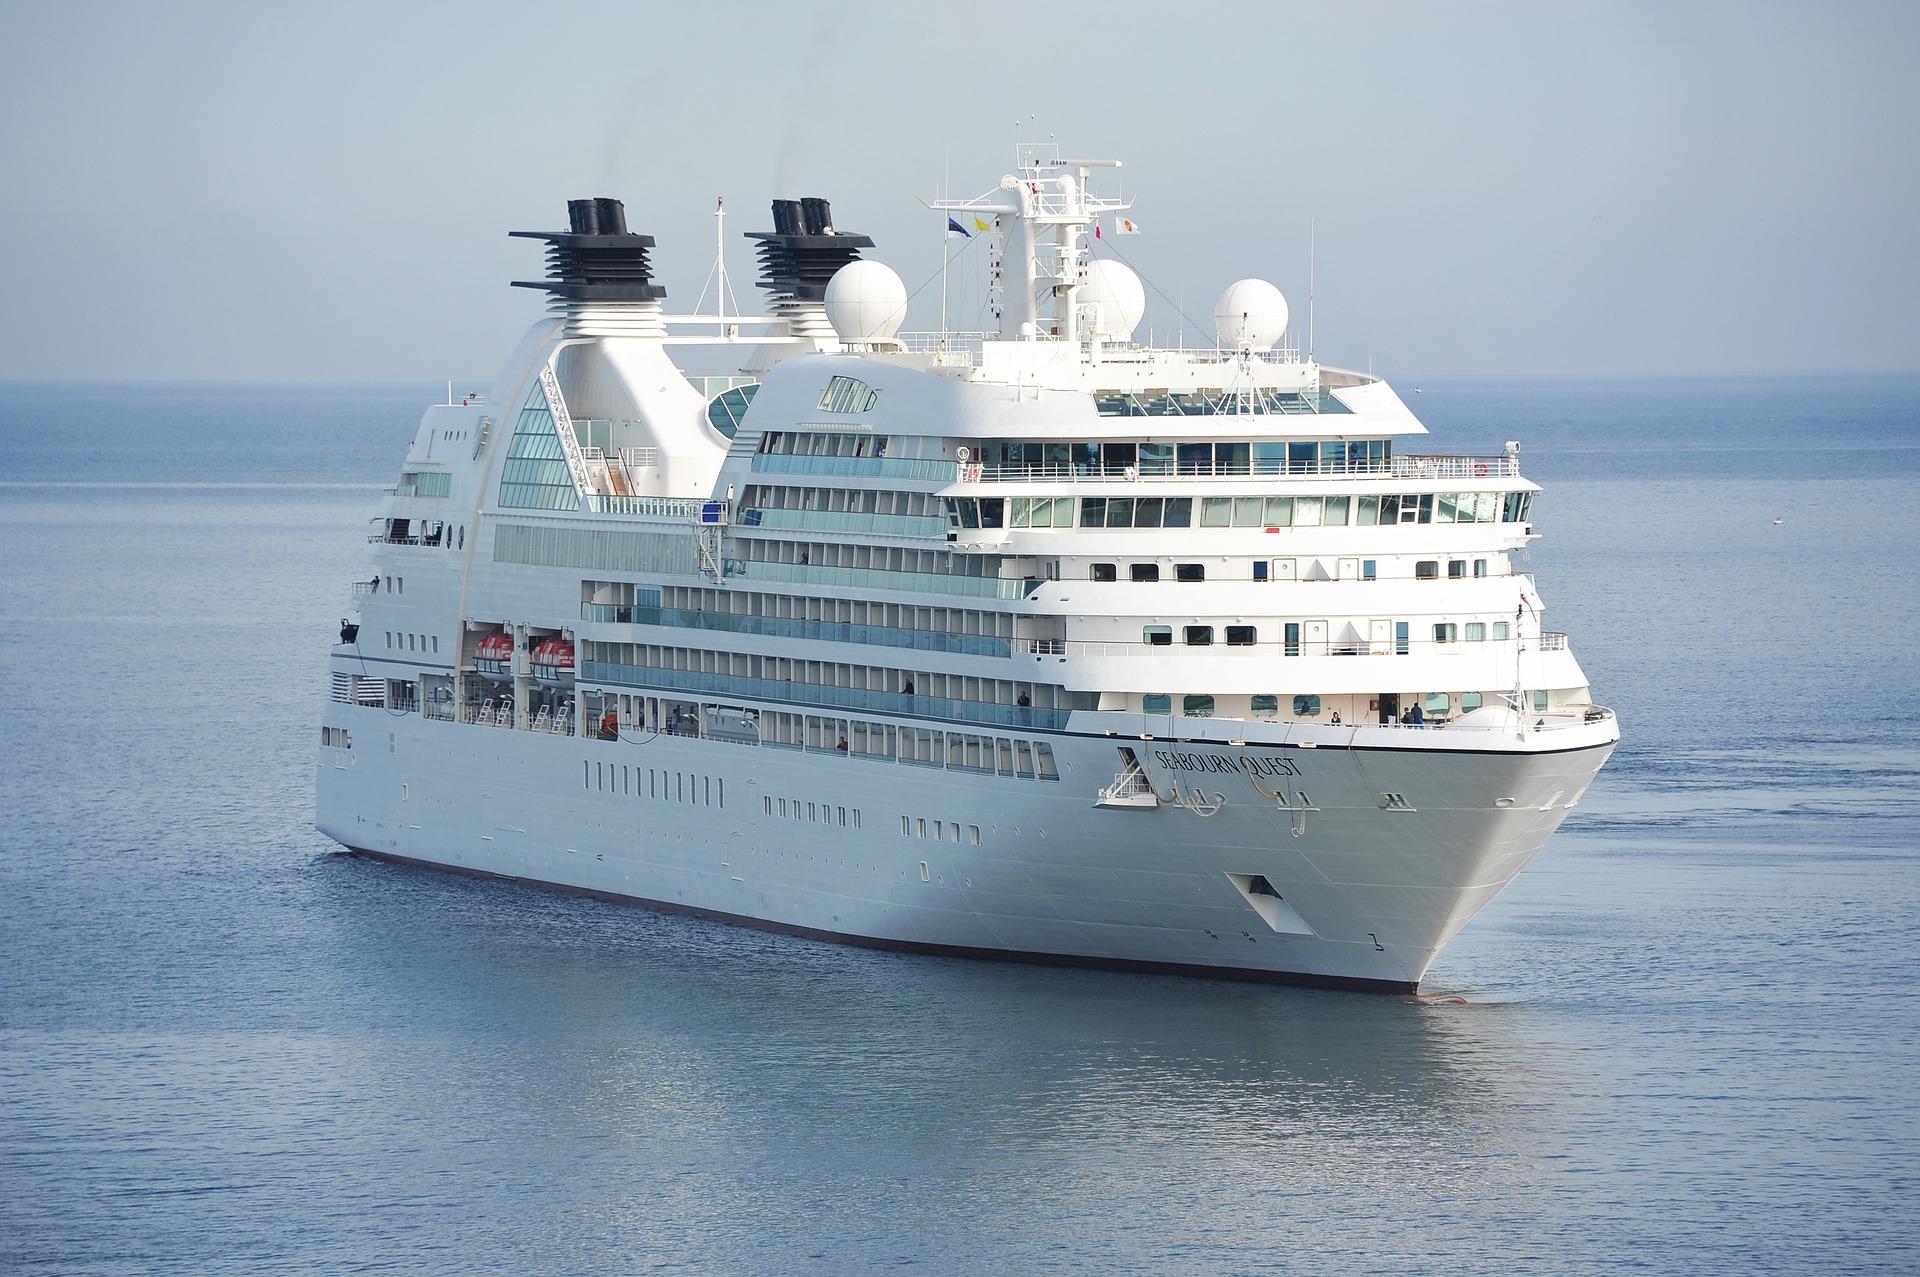 Großer Schaden: Zwei Kreuzfahrtschiffe kollidiert